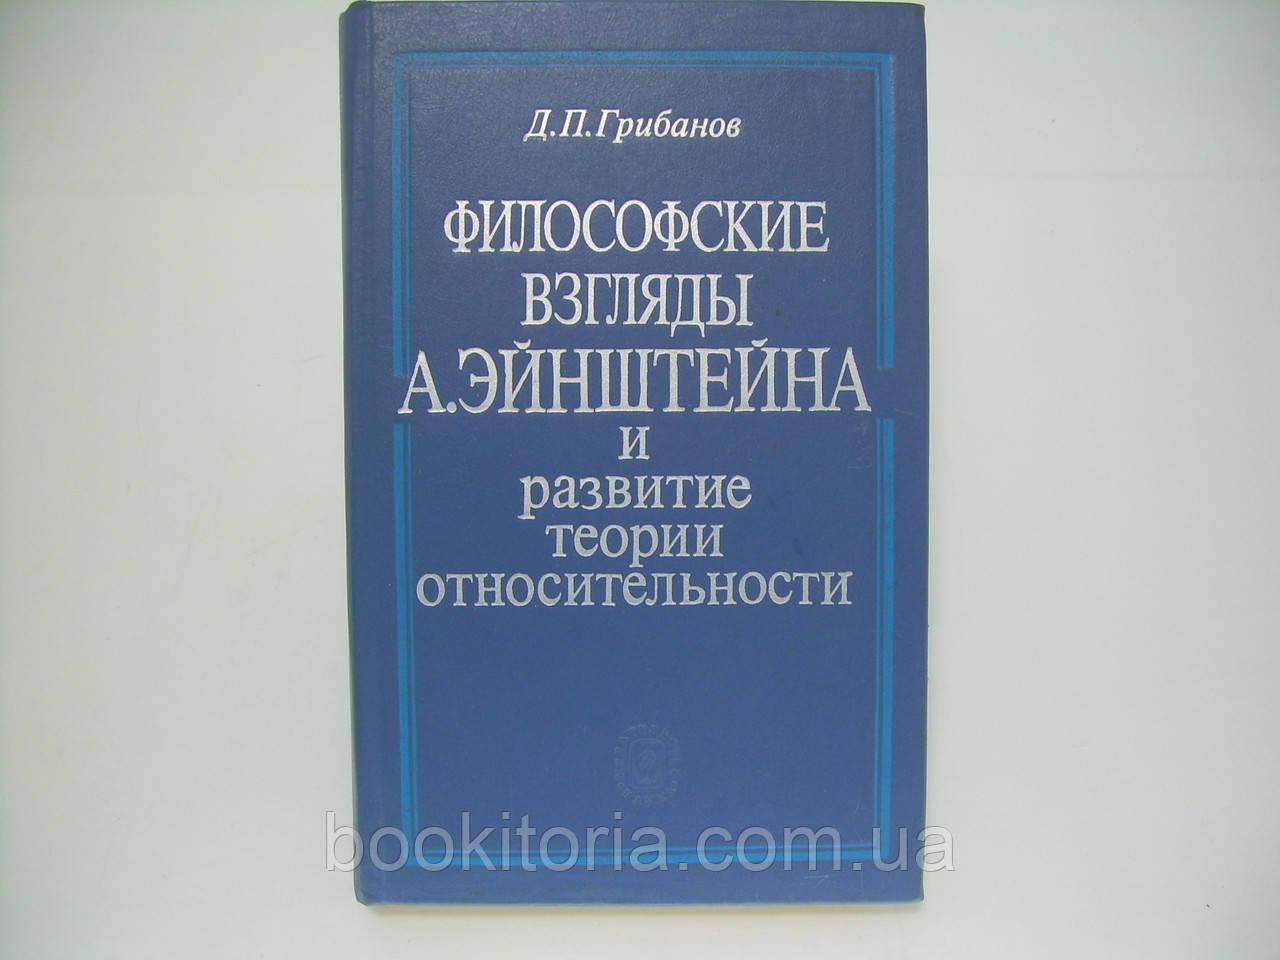 Грибанов Д. П. Философские взгляды А. Эйнштейна и развитие теории относительности (б/у).